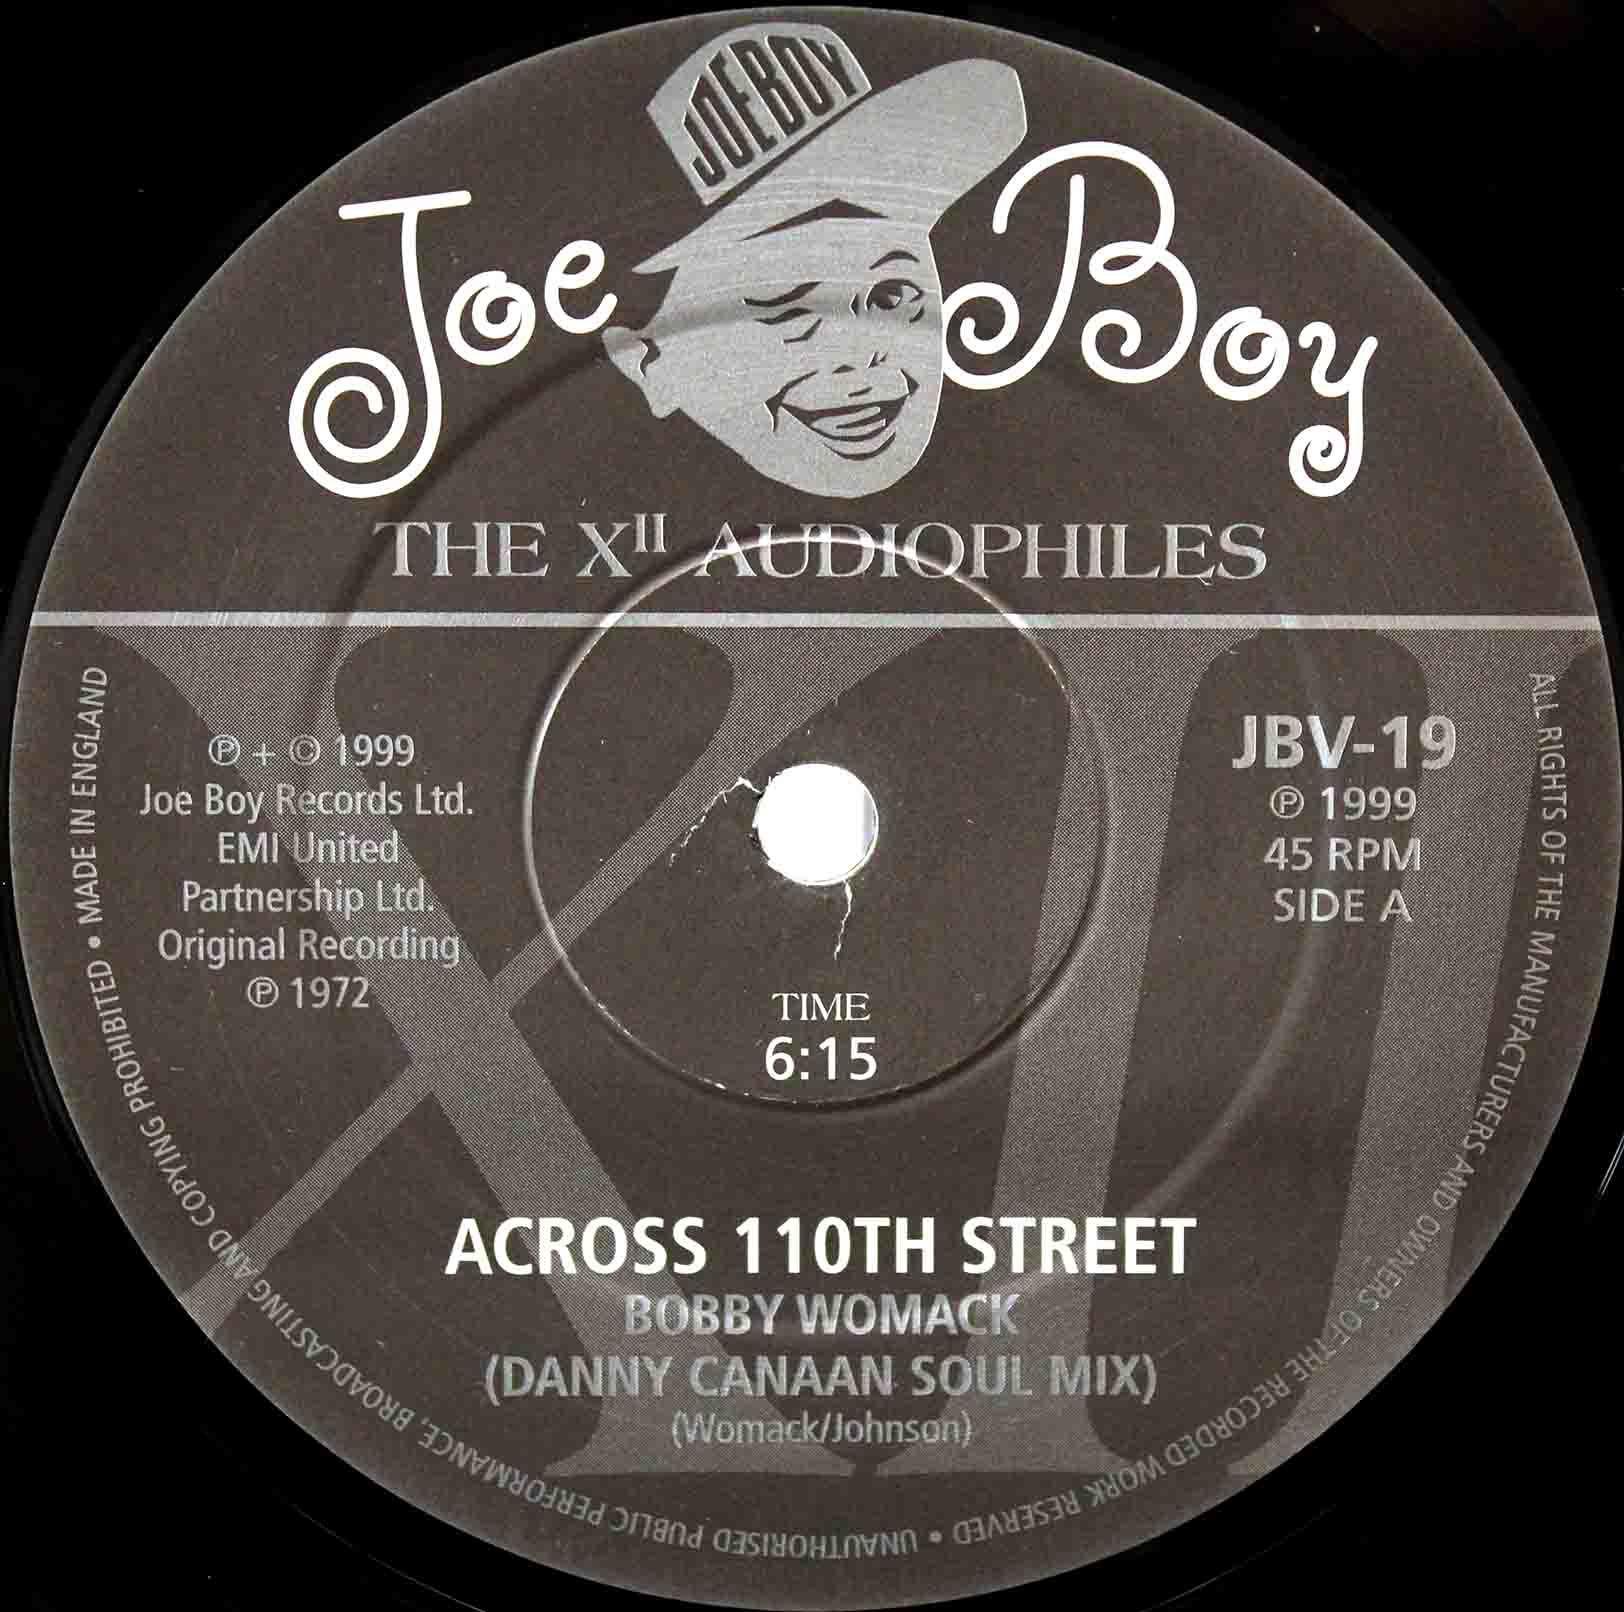 Bobby Womack - Across 110th Street 03